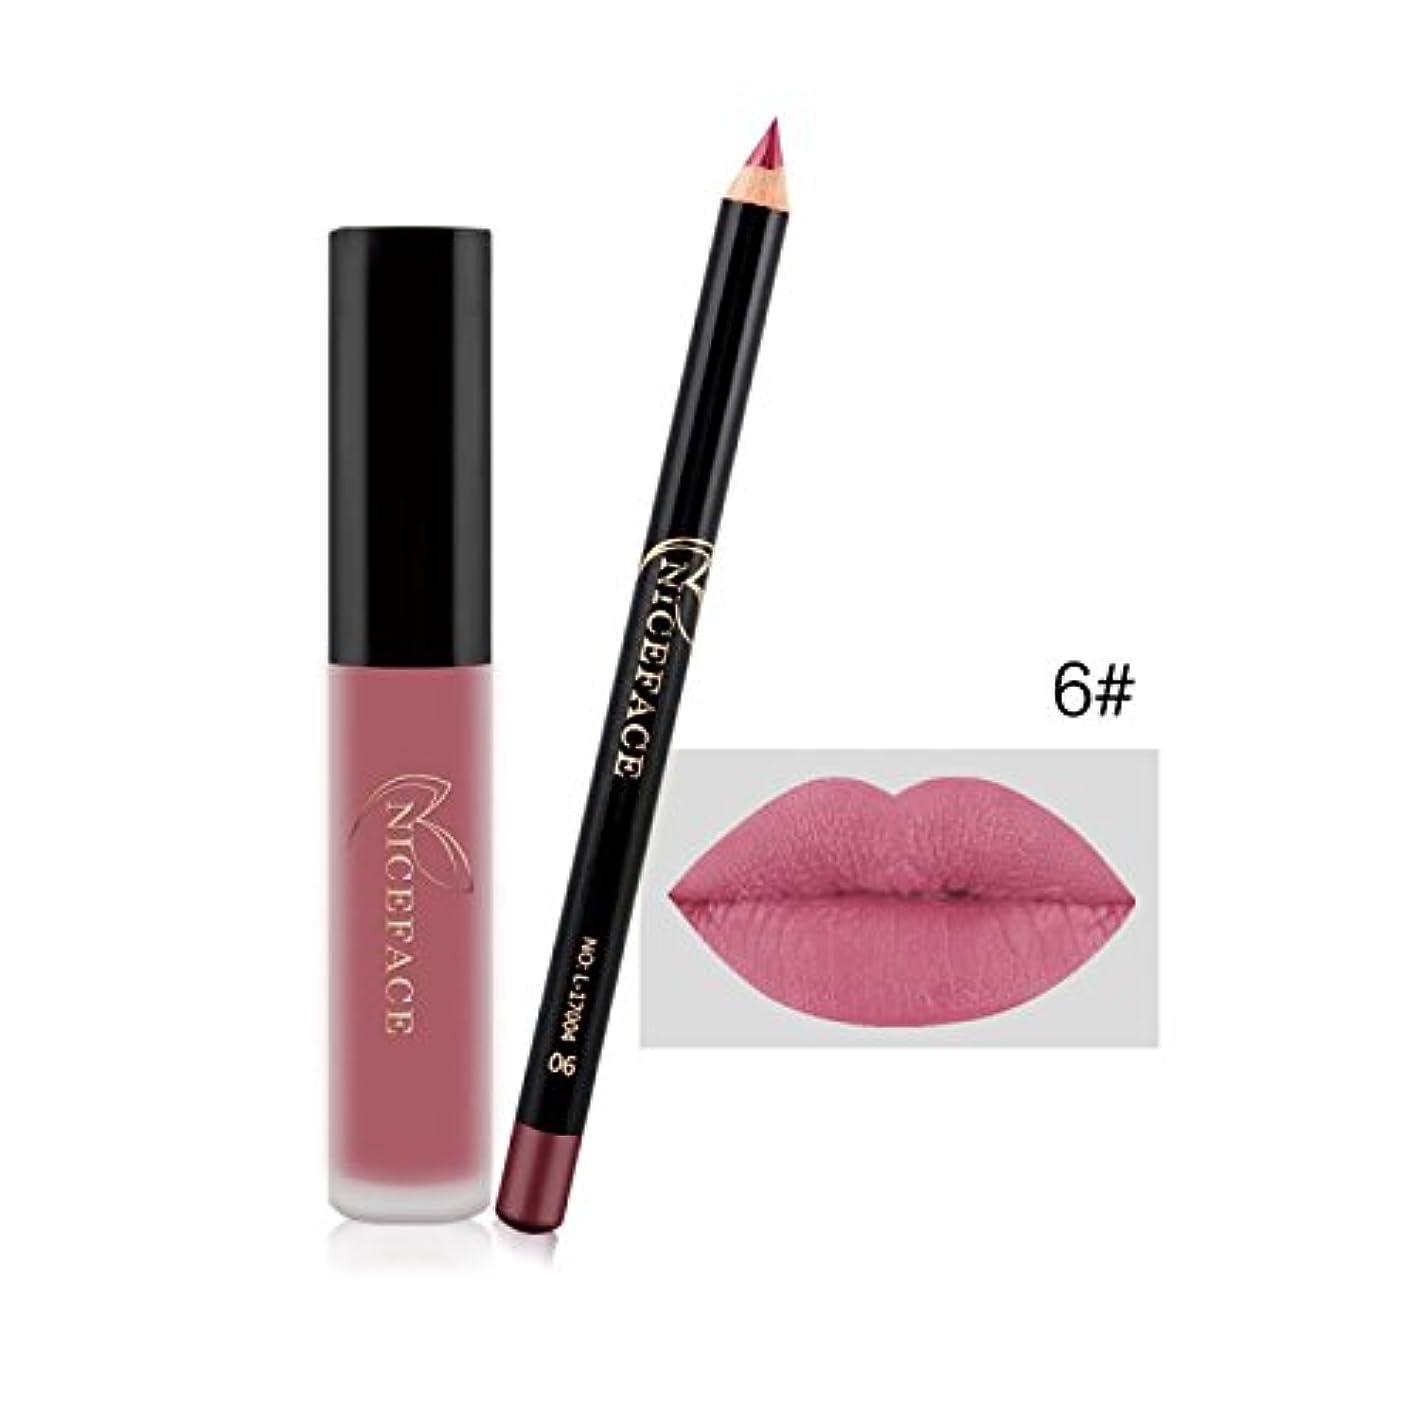 投票国チャーミング(6#) Makeup Set Lip Gloss + Lip Liner Set Lip Set Matte Lipstick Long Lasting Waterproof Solid Lip Pencil Liner...